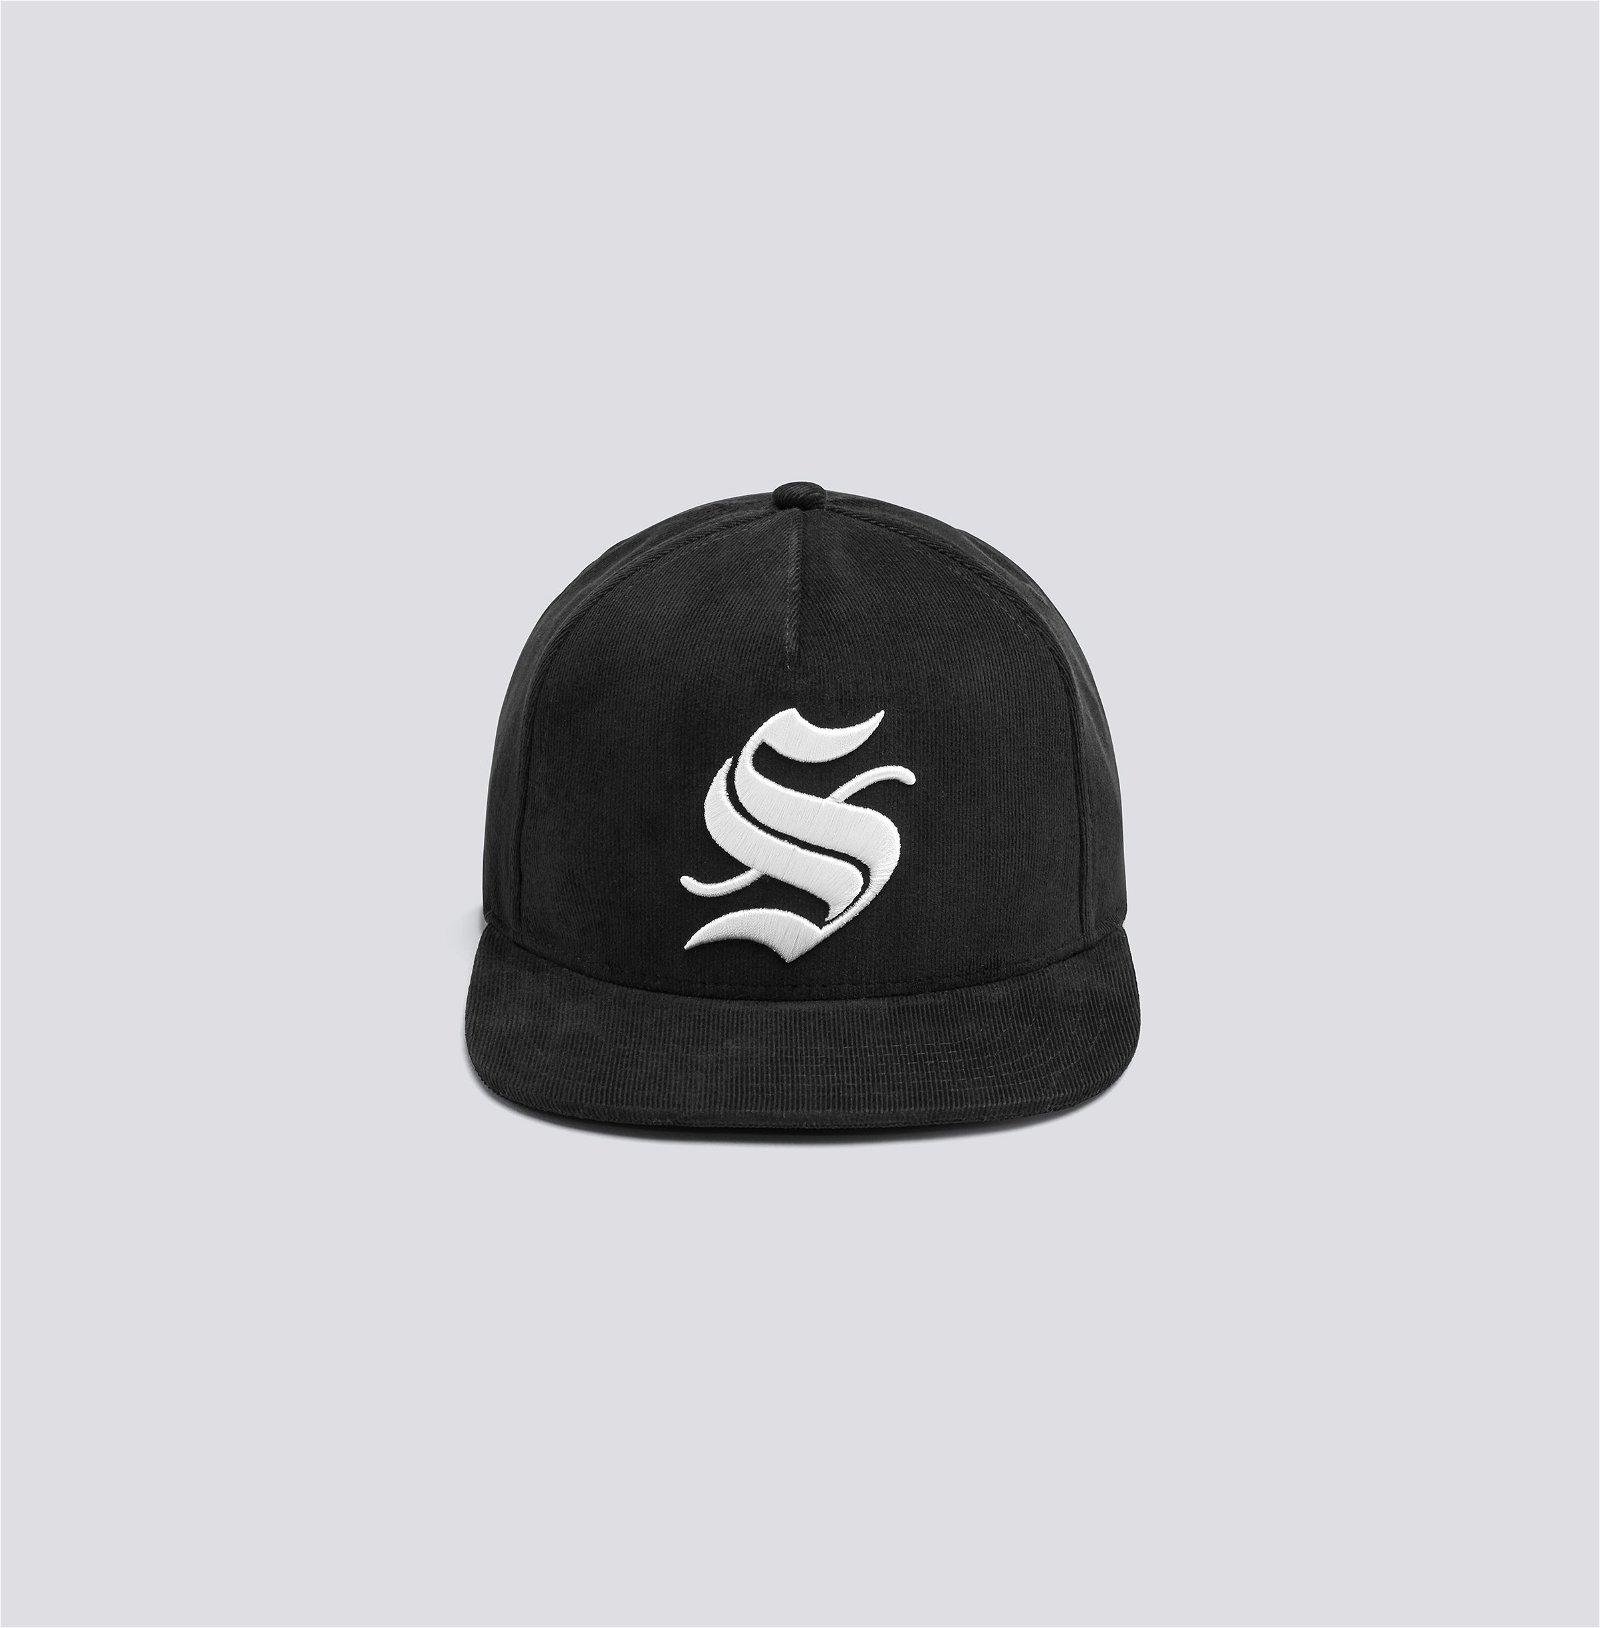 Corduroy S Hat